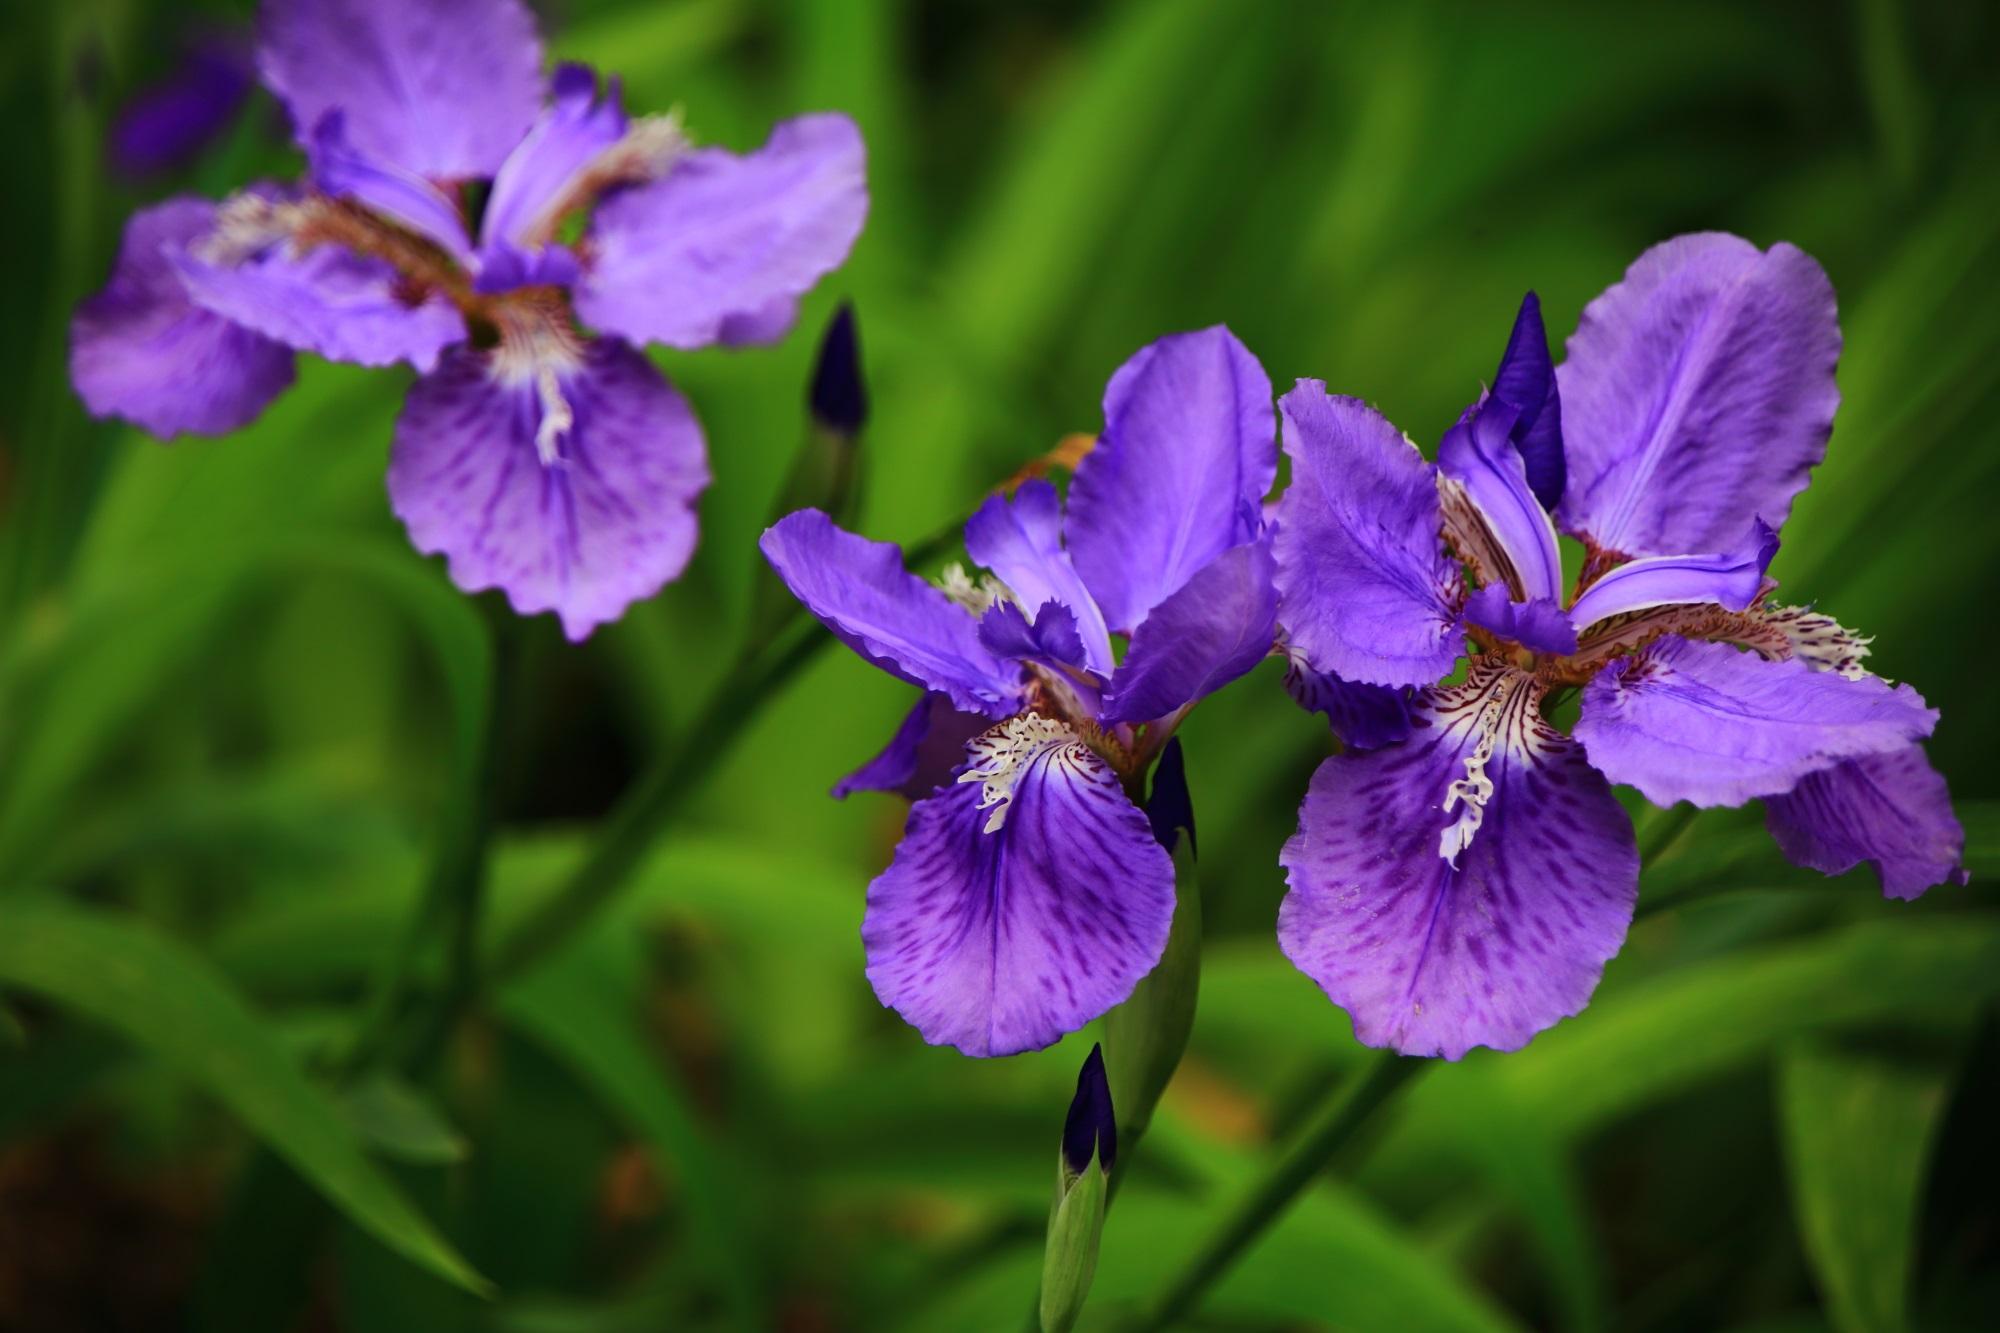 アヤメの中で一番早く咲くためイチハツと呼ばれる一初